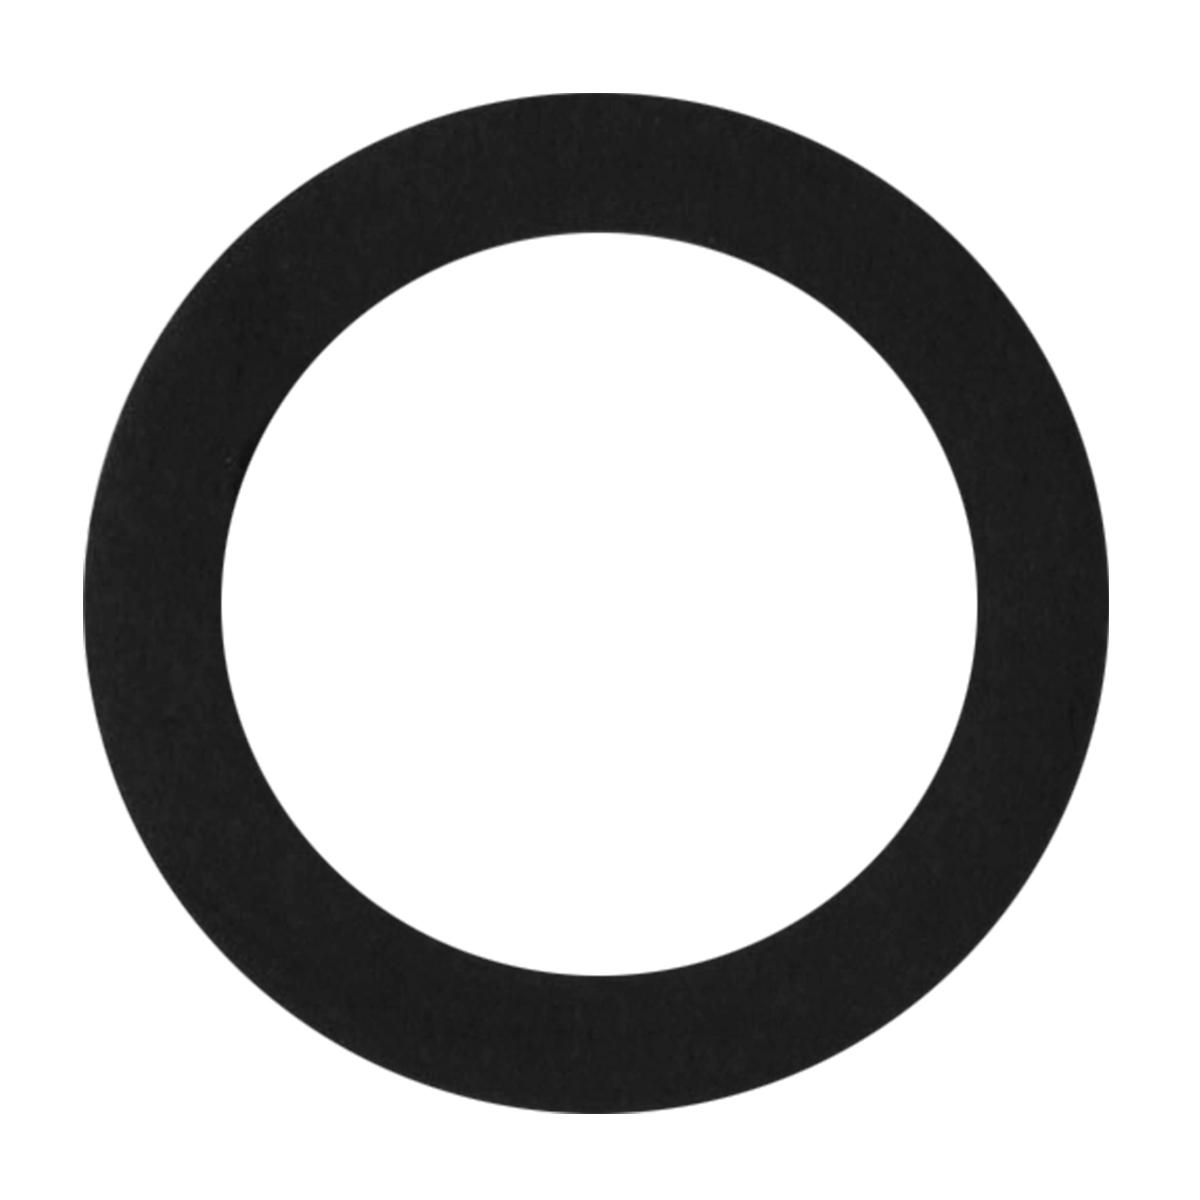 80463 Dome Light Lens Adaptor/Grommet